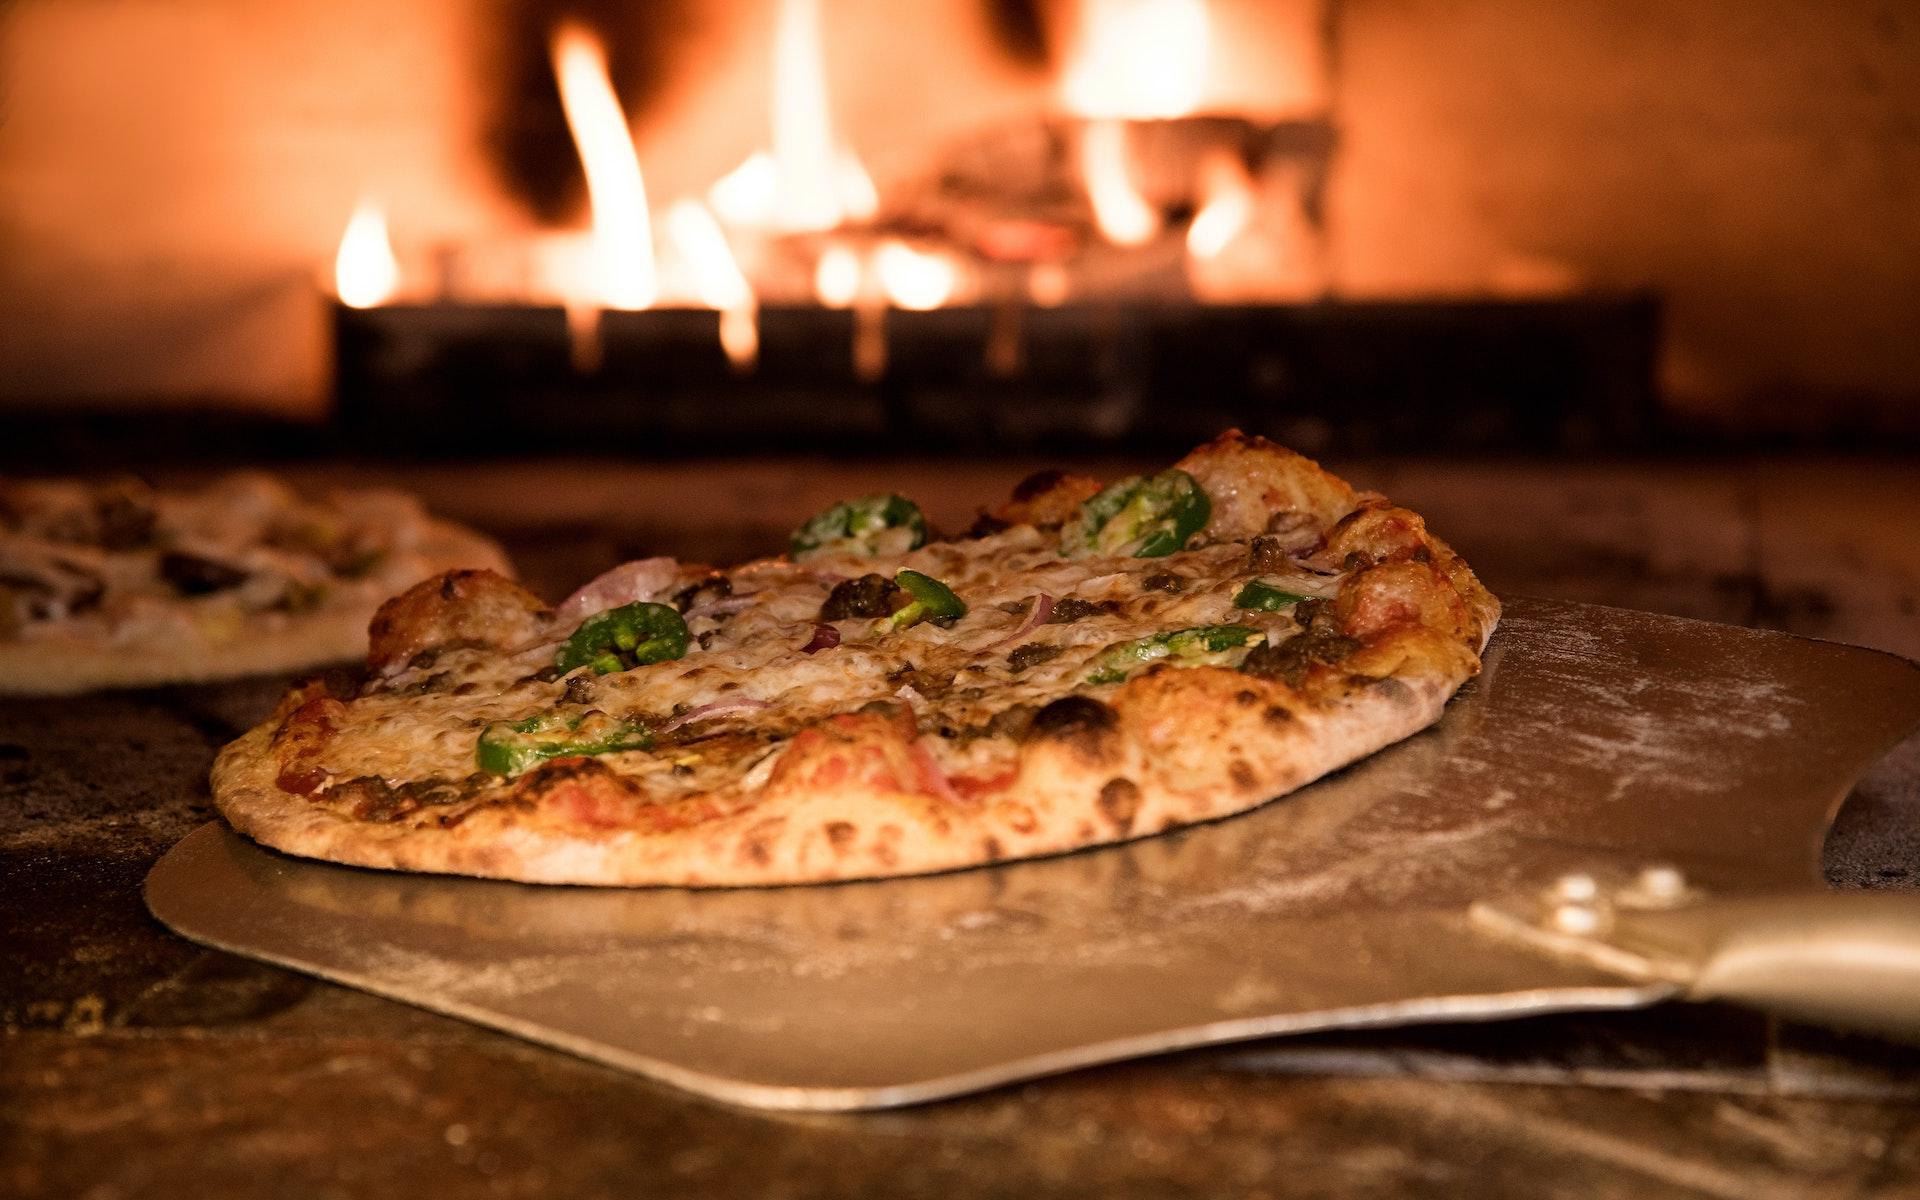 Siete restaurantes icónicos para comer pizza en el mundo